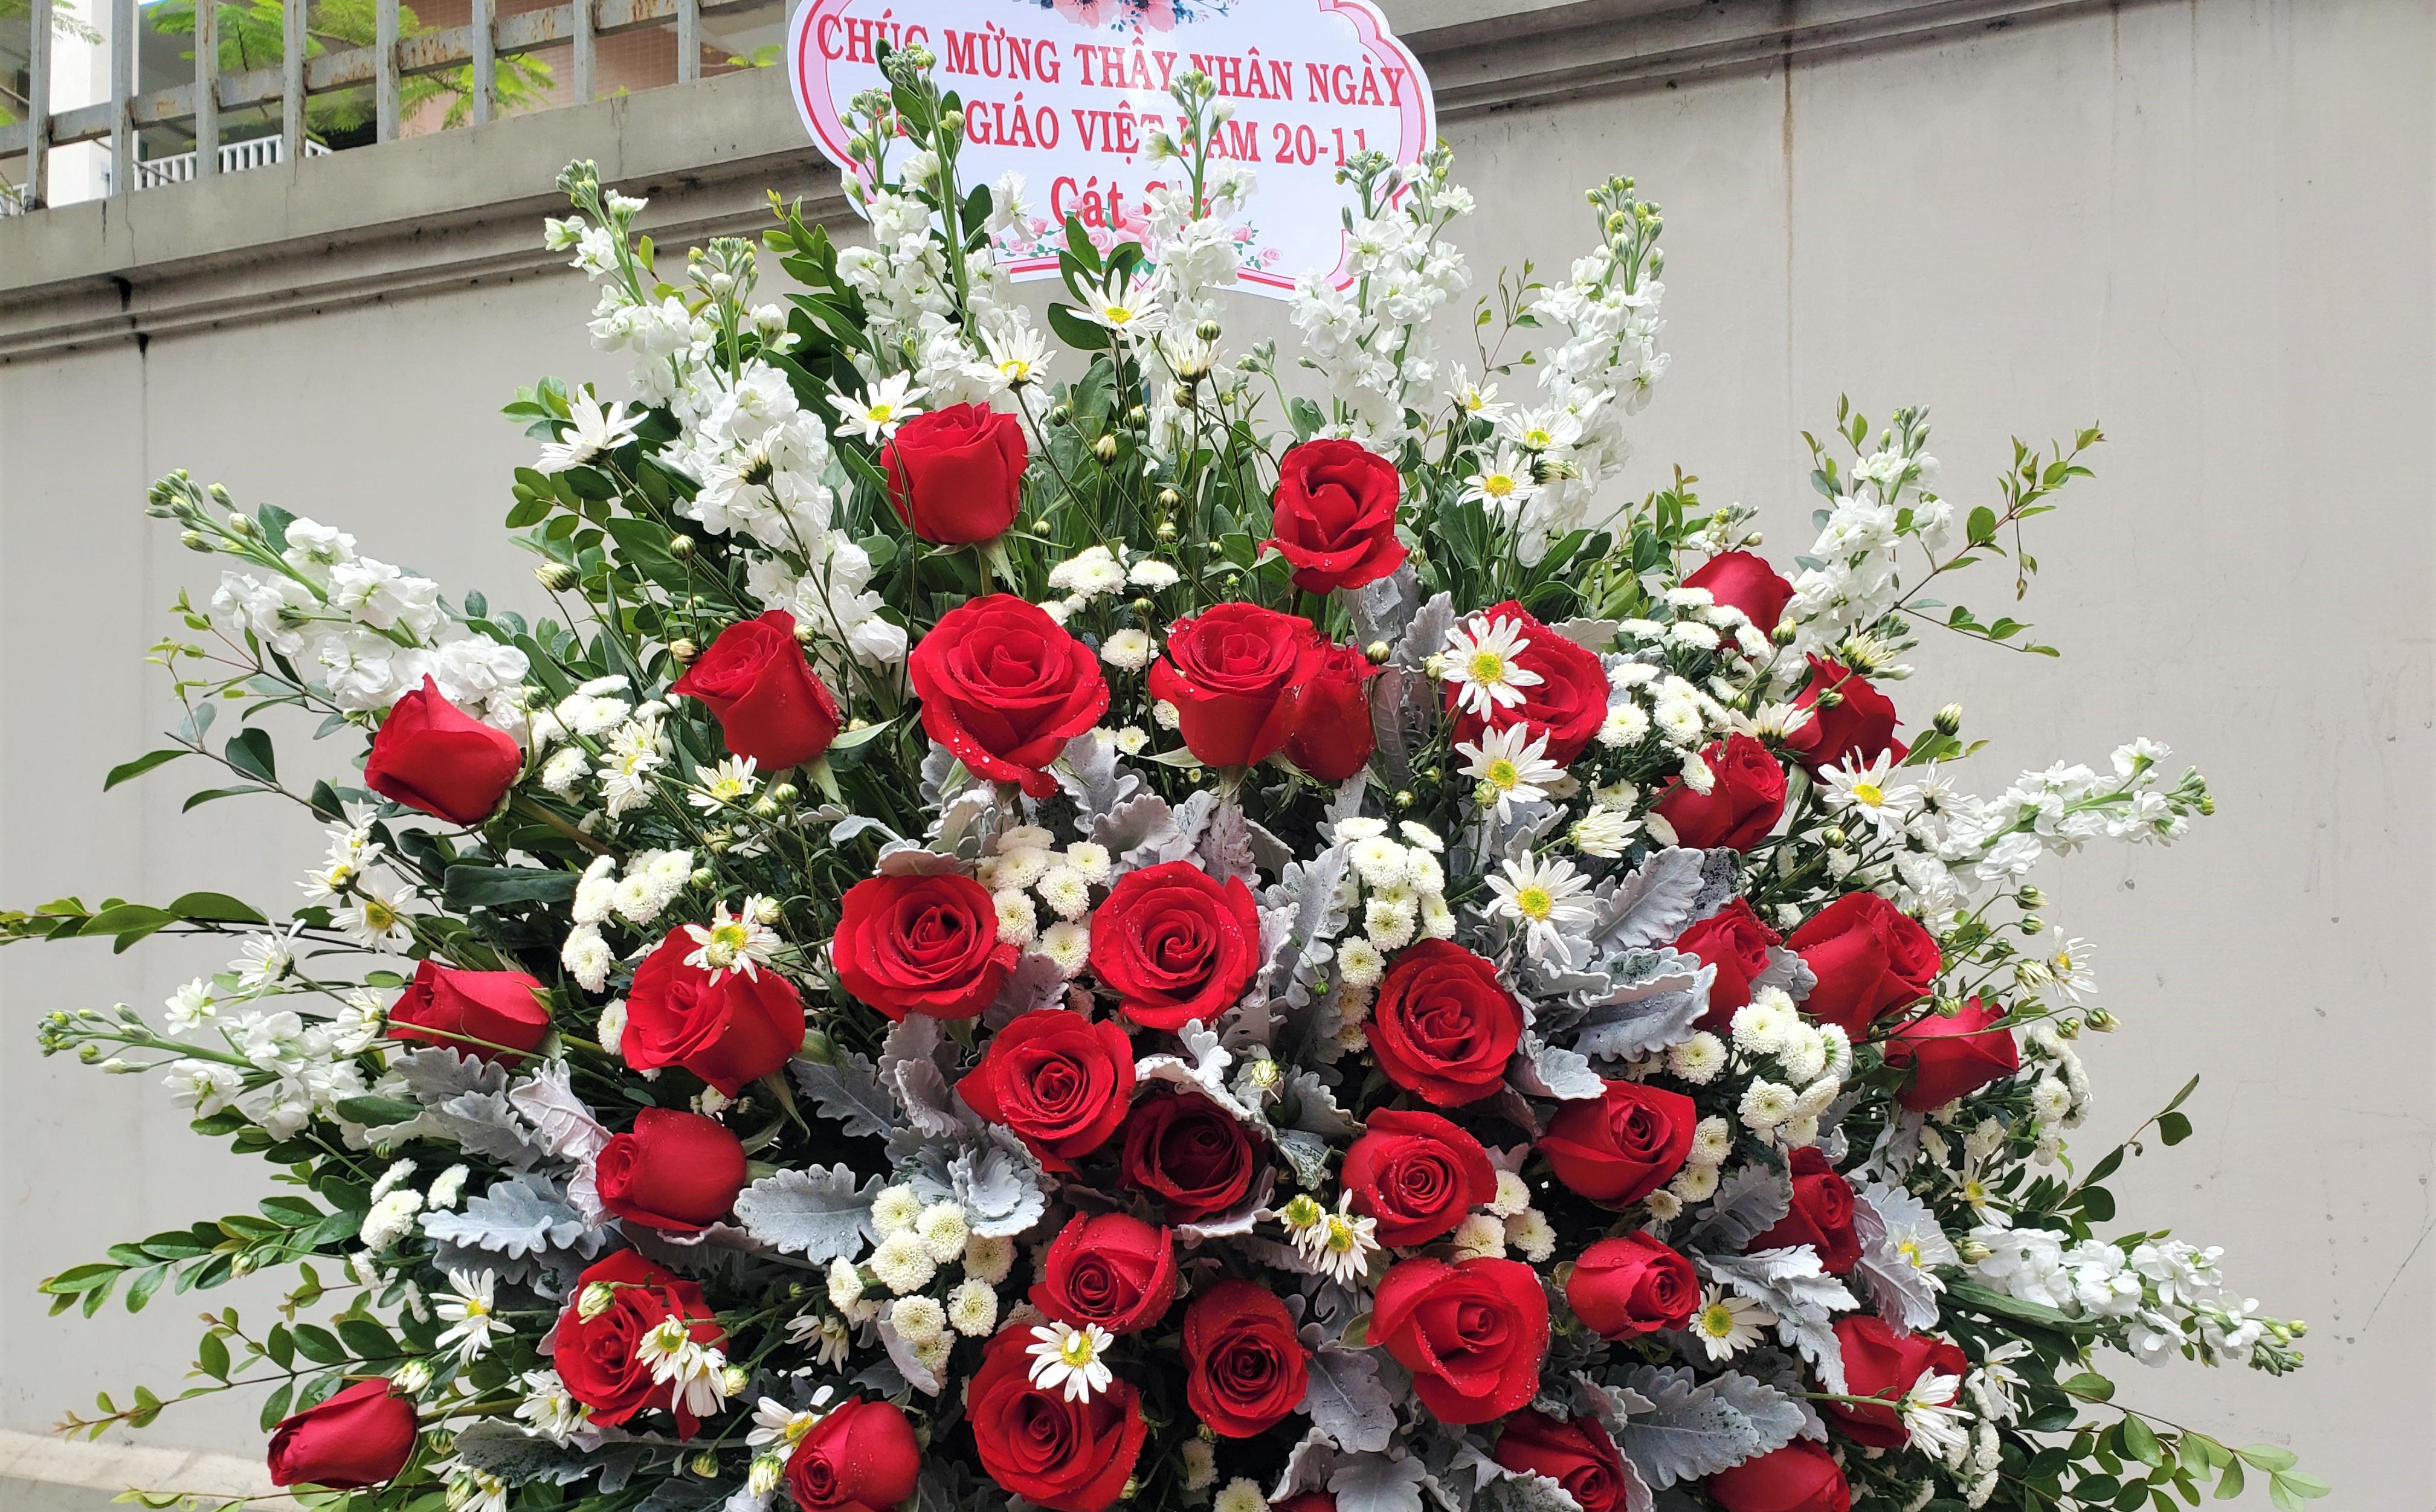 """Quà tặng 20/11: Tranh ân sư mạ vàng 3 triệu đồng gây """"sốt"""", hoa ngoại đắt đỏ vẫn """"sính"""""""